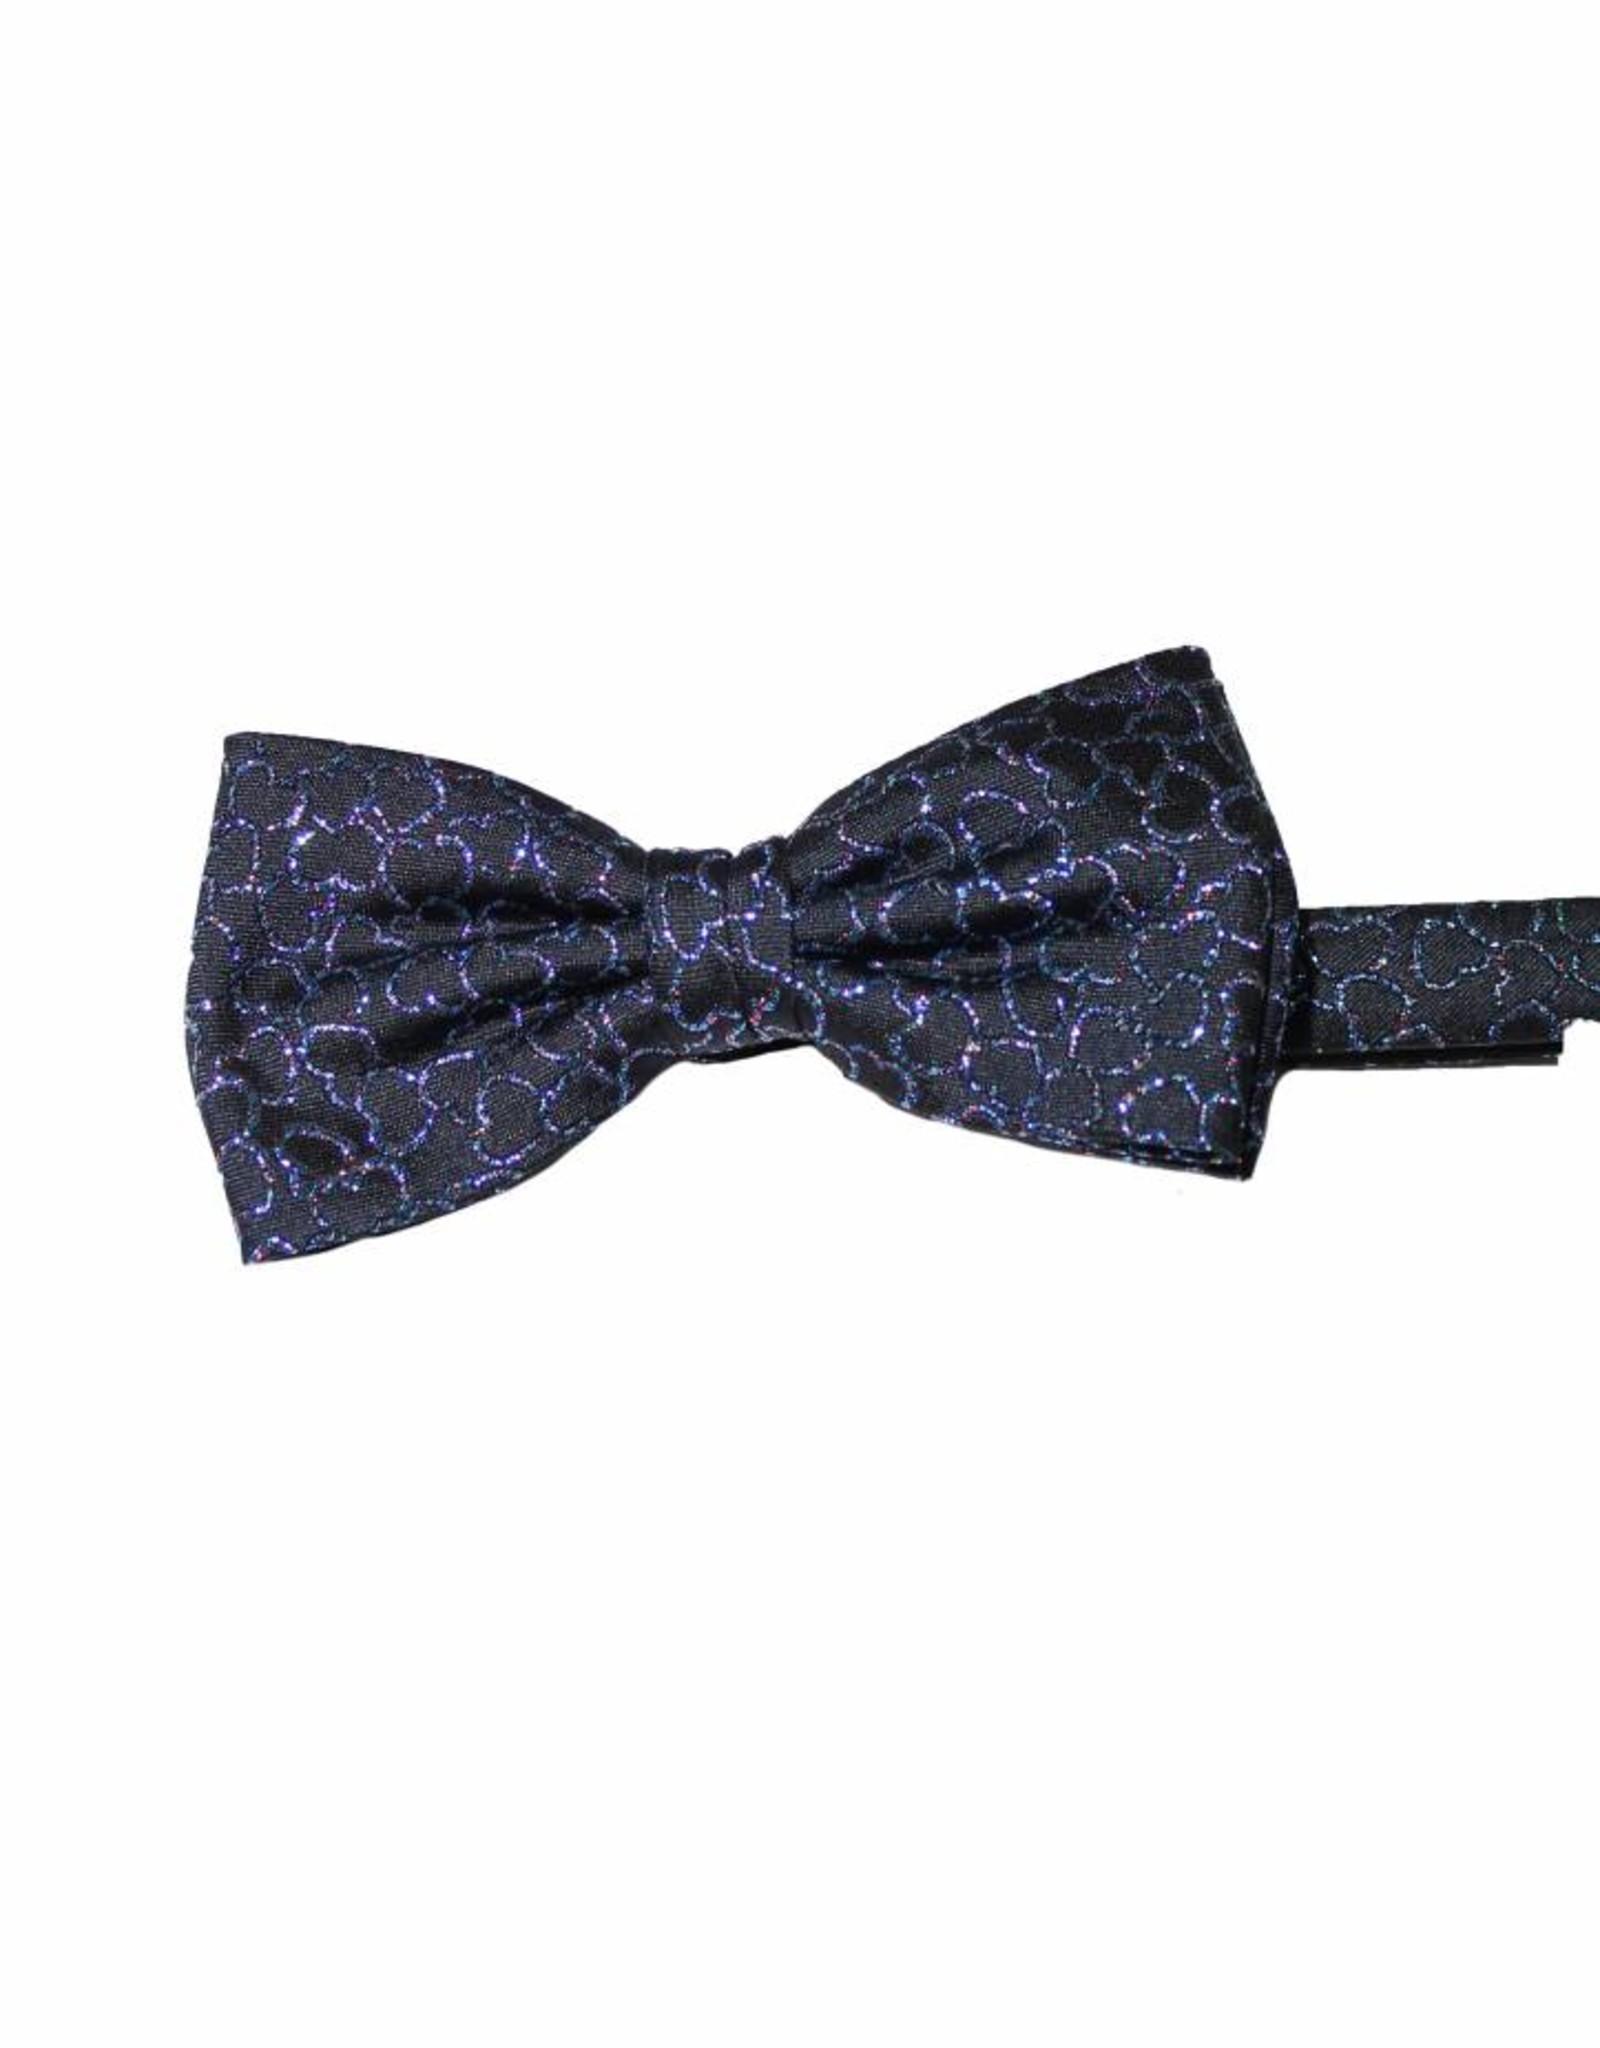 Mooie Lurex/organz, feeststrik, blauw met glitterhartjes